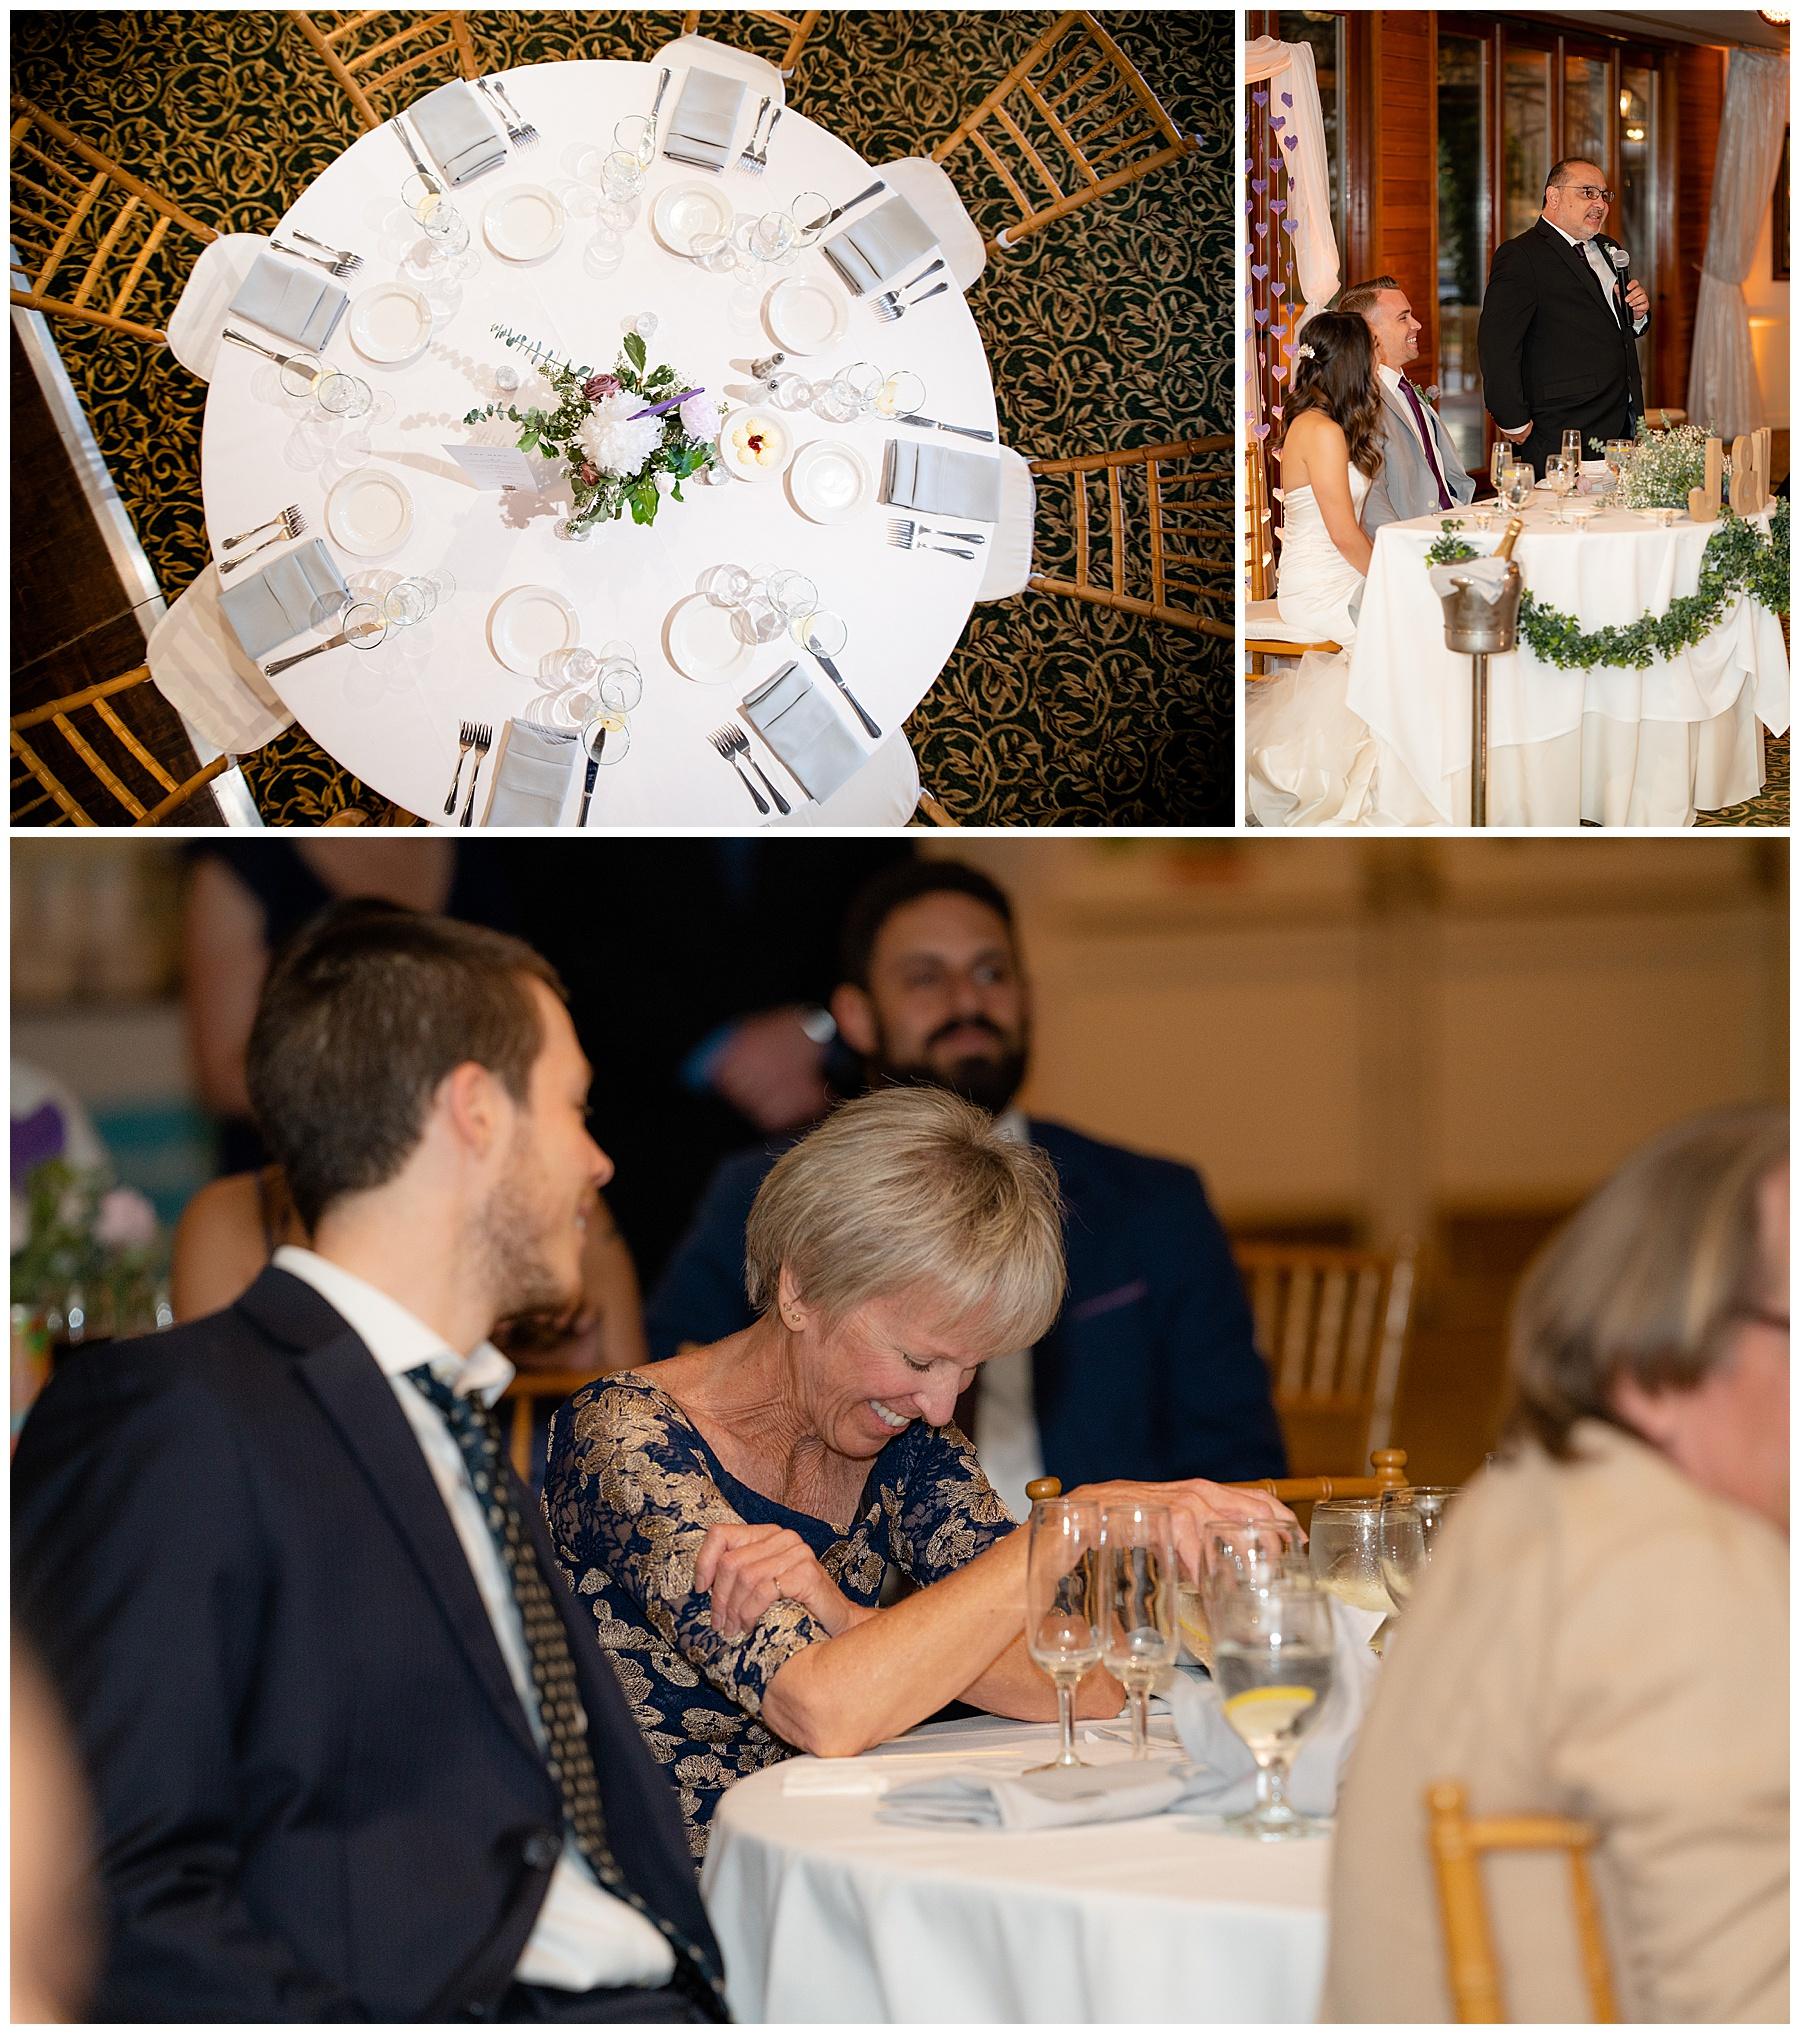 wedding decor calamigos equestrian center wedding